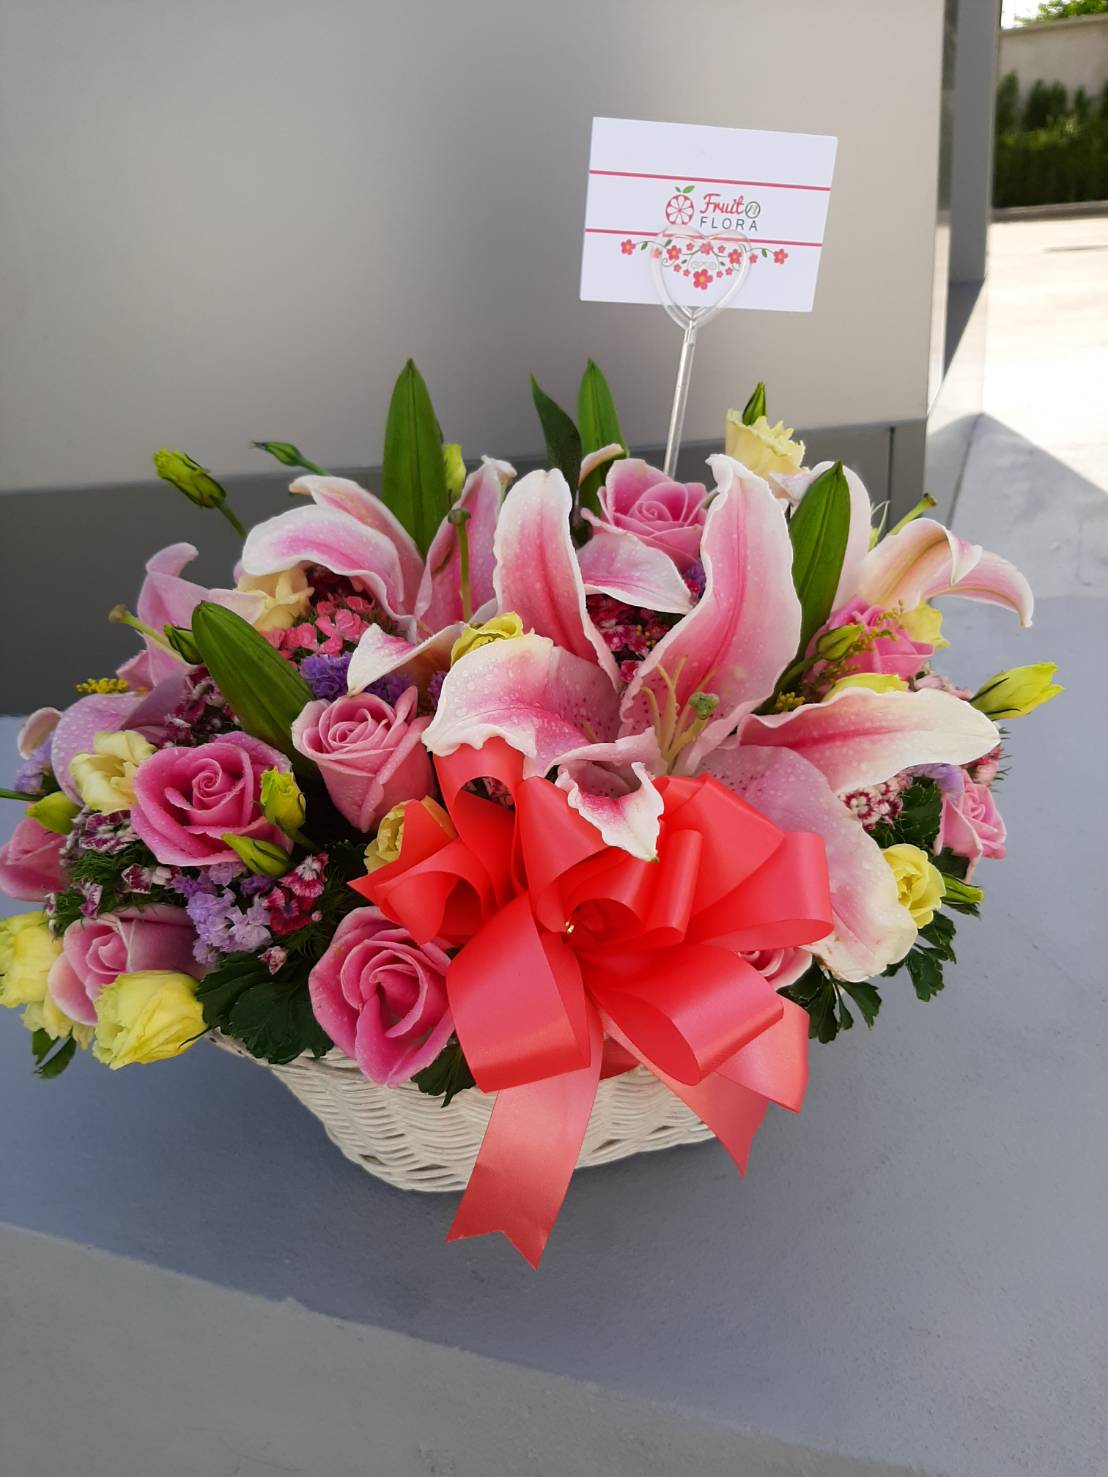 กระเช้าดอกไม้สุดหรู ดูดีอย่างมีสไตล์เป็นของตัวเอง ตกแต่งด้วยดอกไม้หลากสีสันนานาชนิด